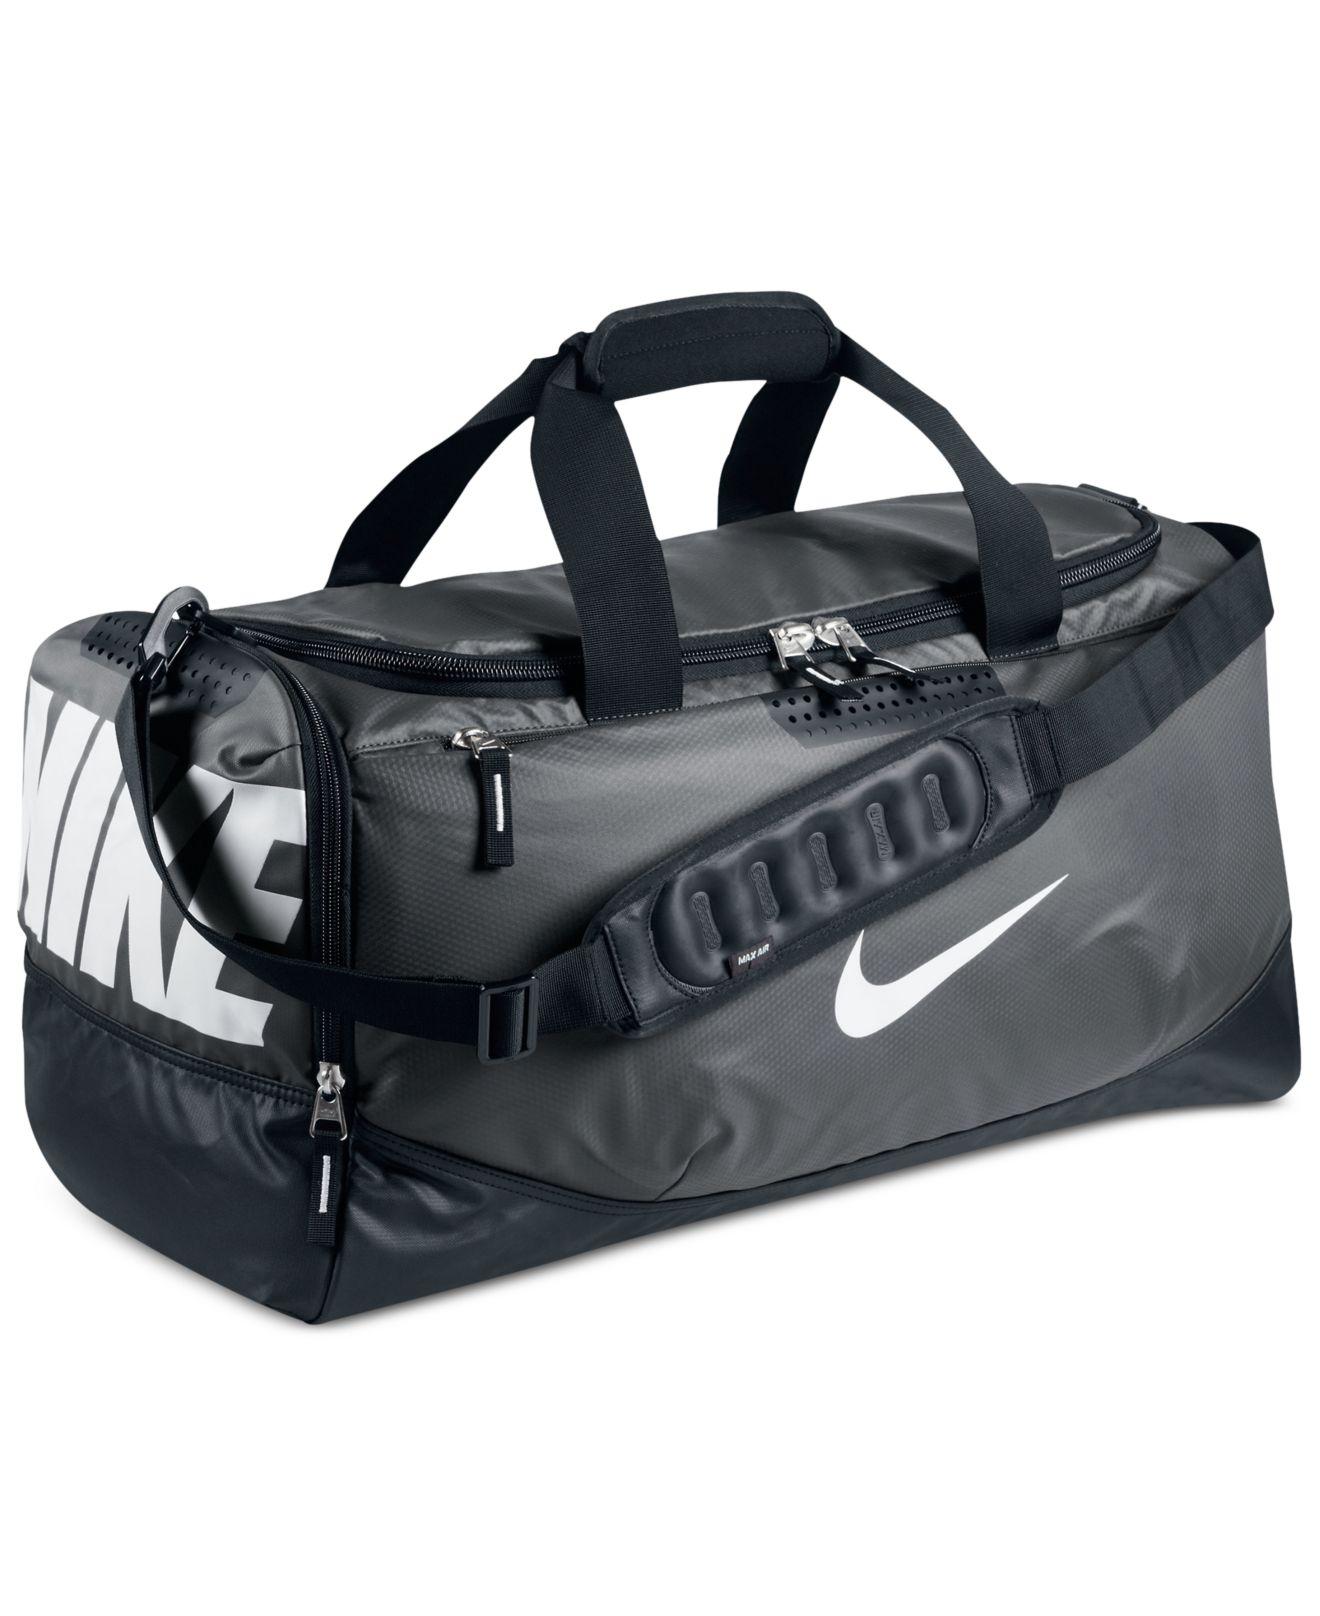 Lyst - Nike Alpha Adapt Duffel Bag In Medium Ba5179-021 in Gray for Men 9e4a1f4c5ef87